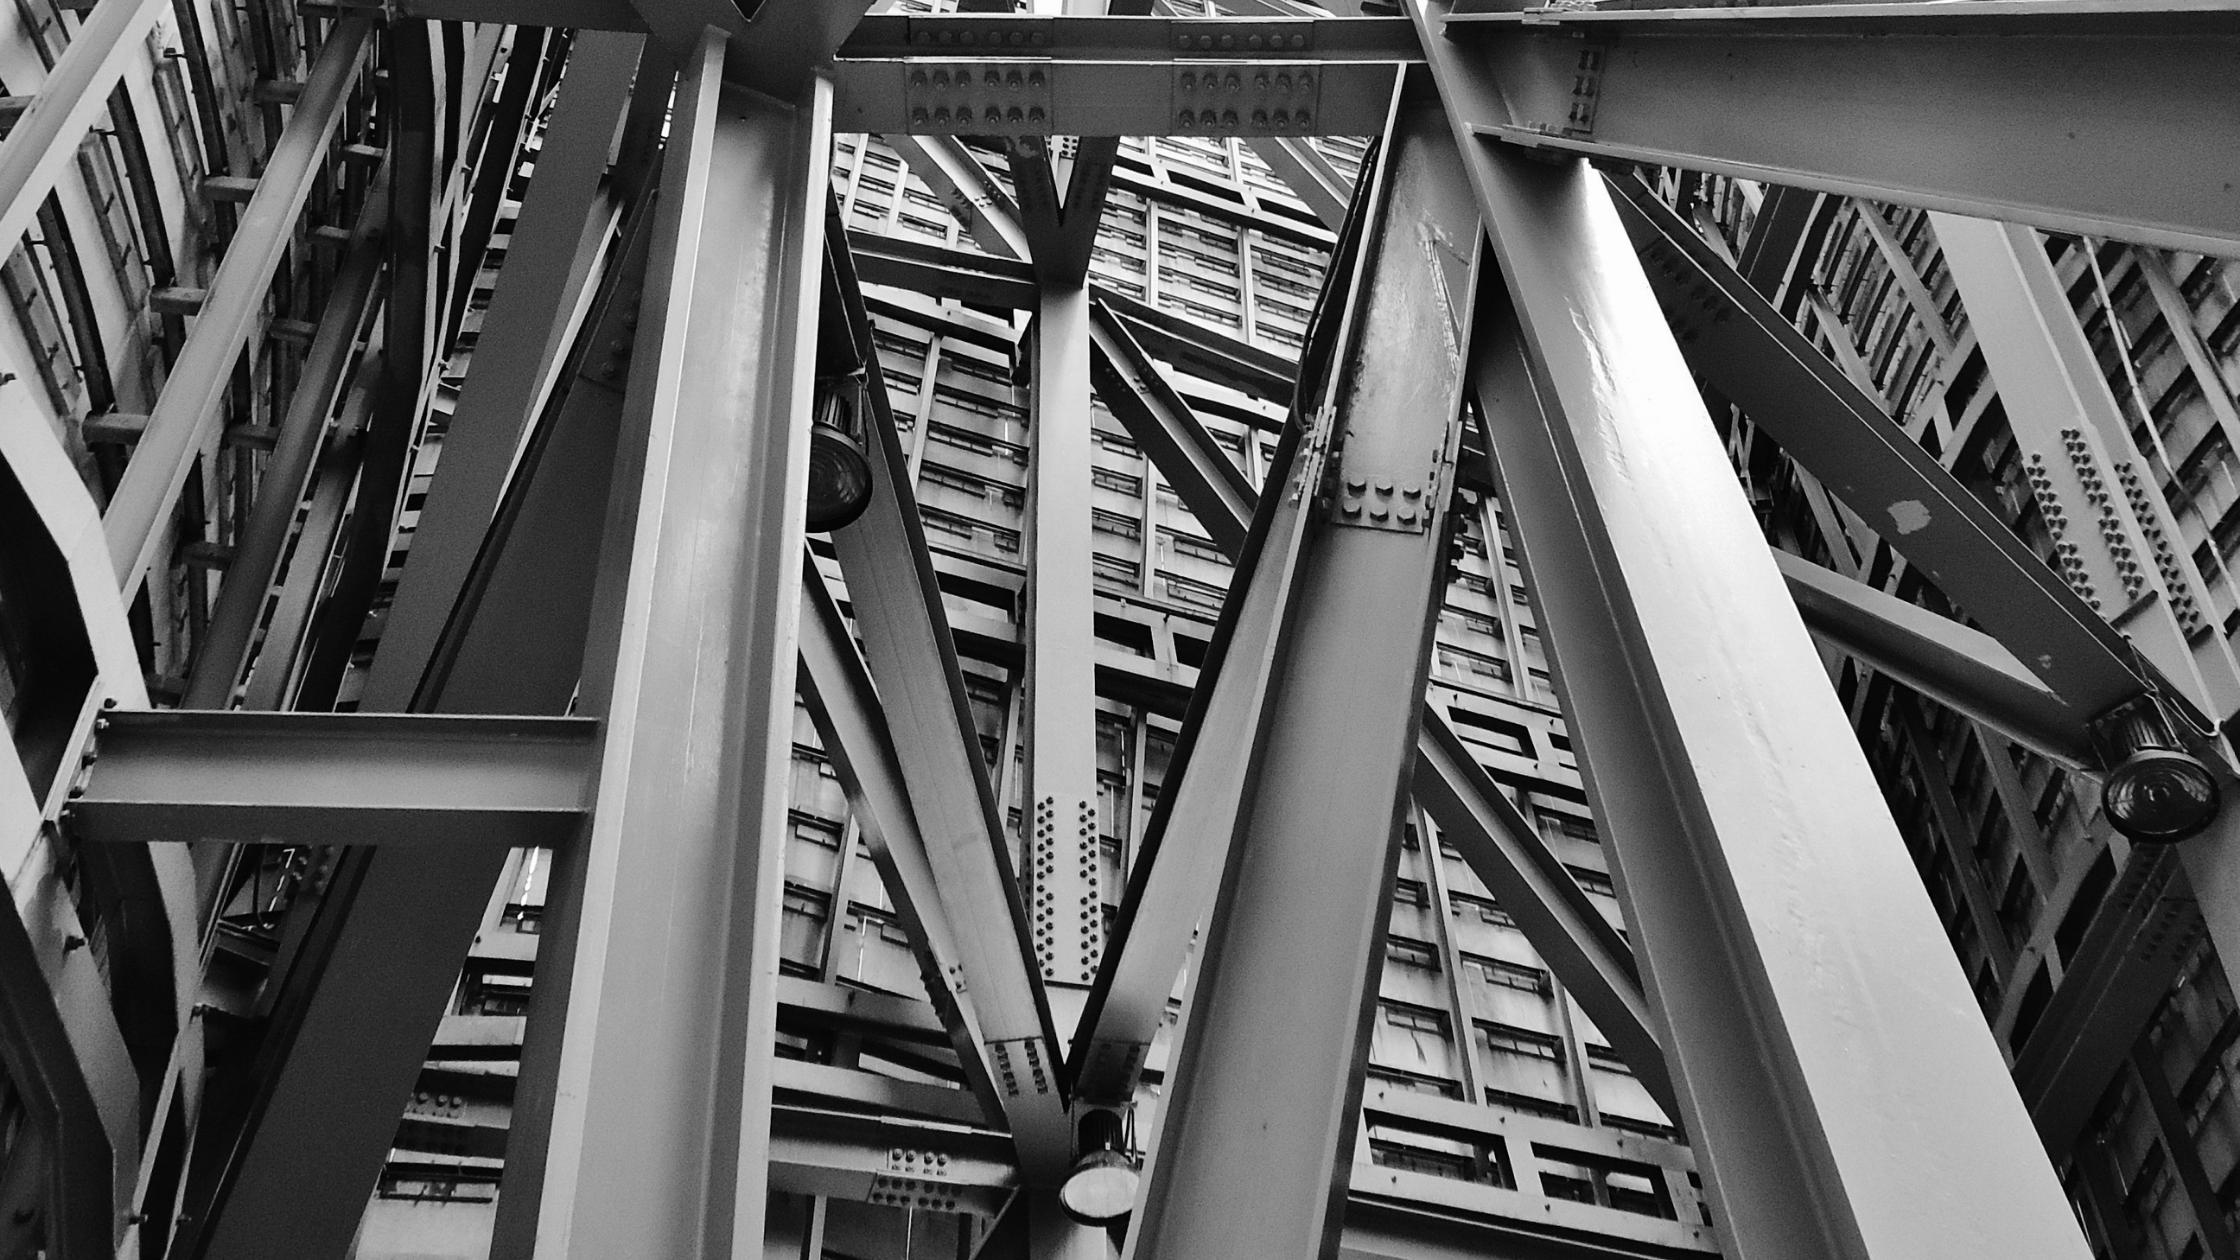 Prove sui materiali da costruzione: chi deve farle? Impresa Edile o Direttore dei Lavori?